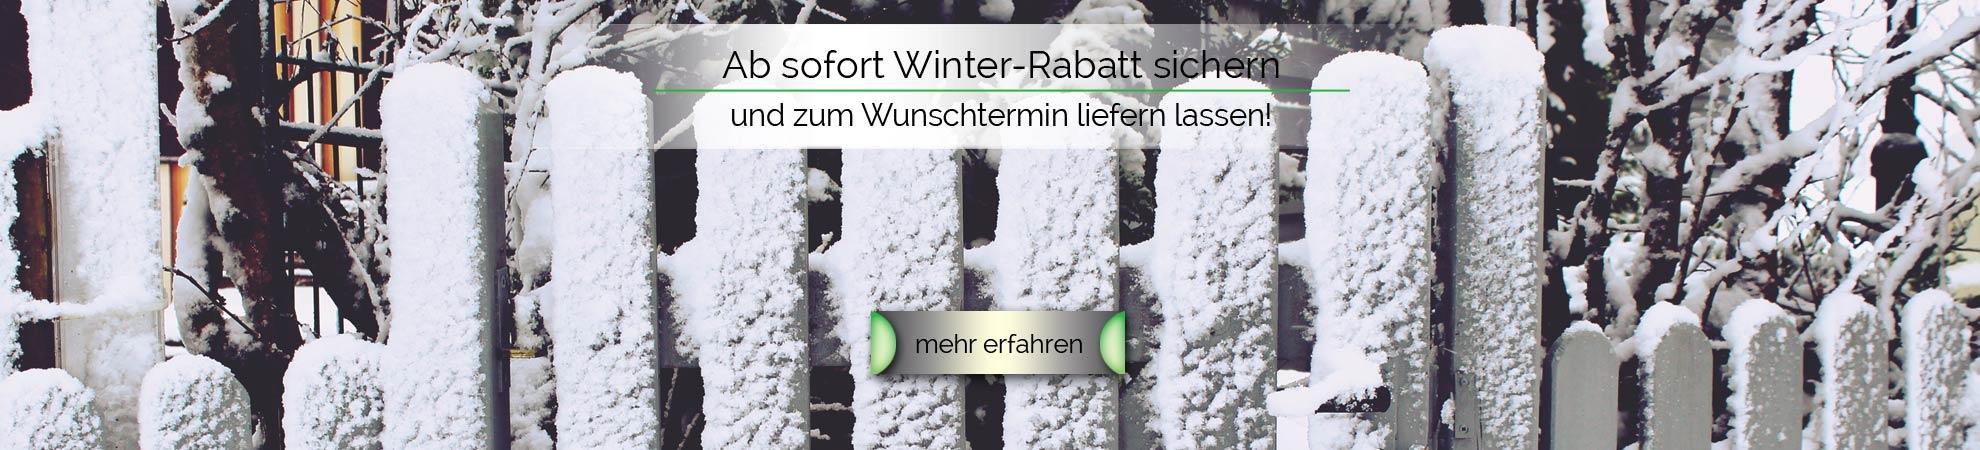 Winter-Rabatt sichern und sparen